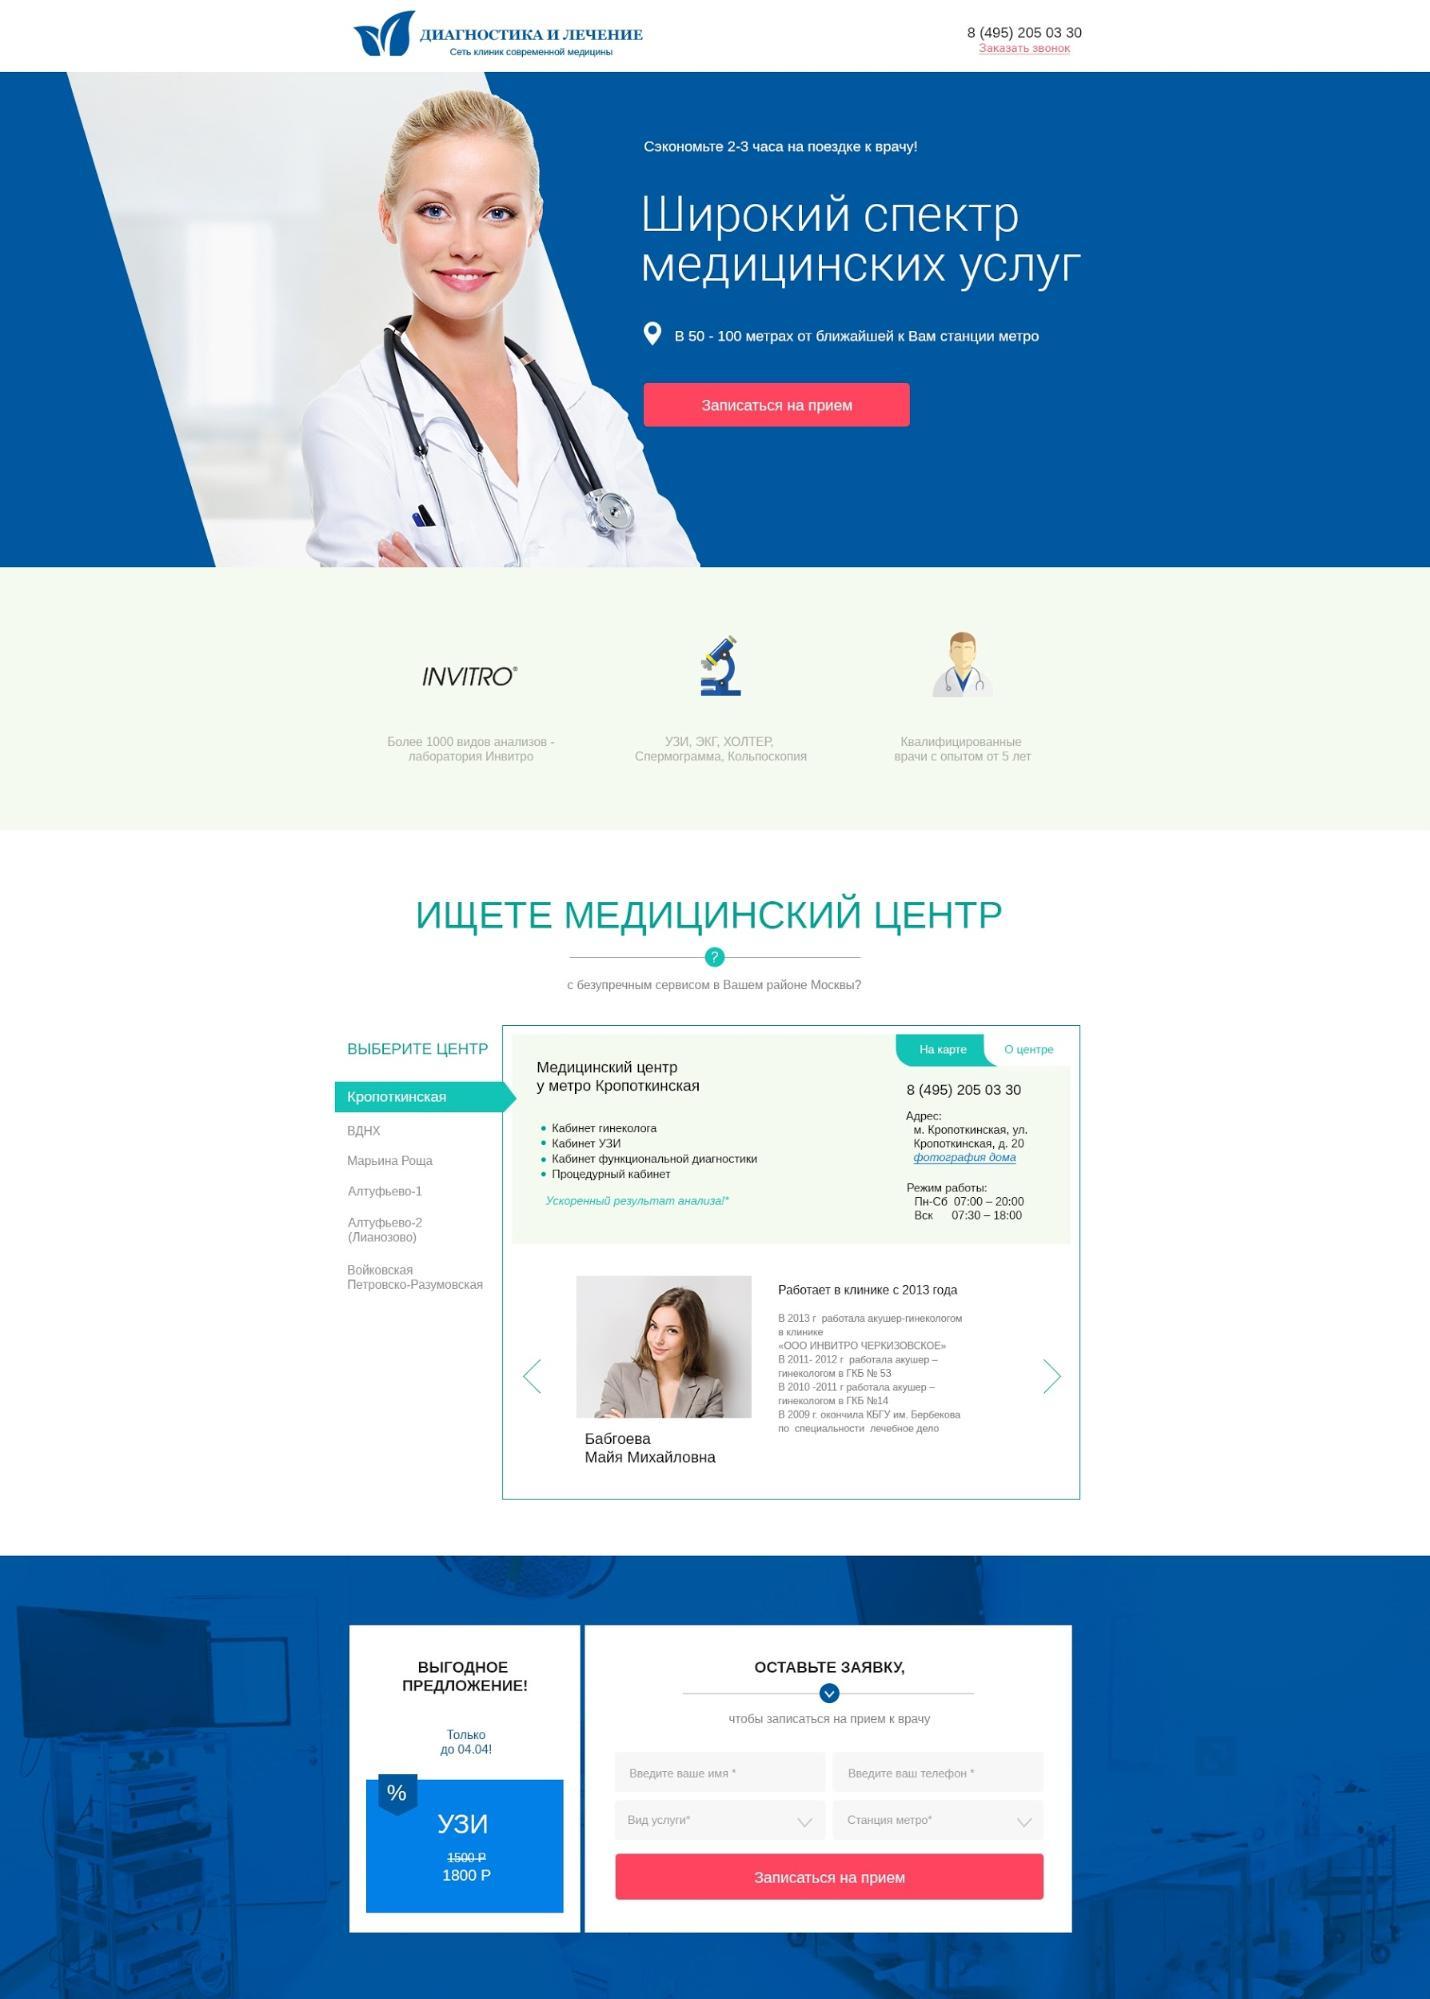 Сеть клиник современной медицины